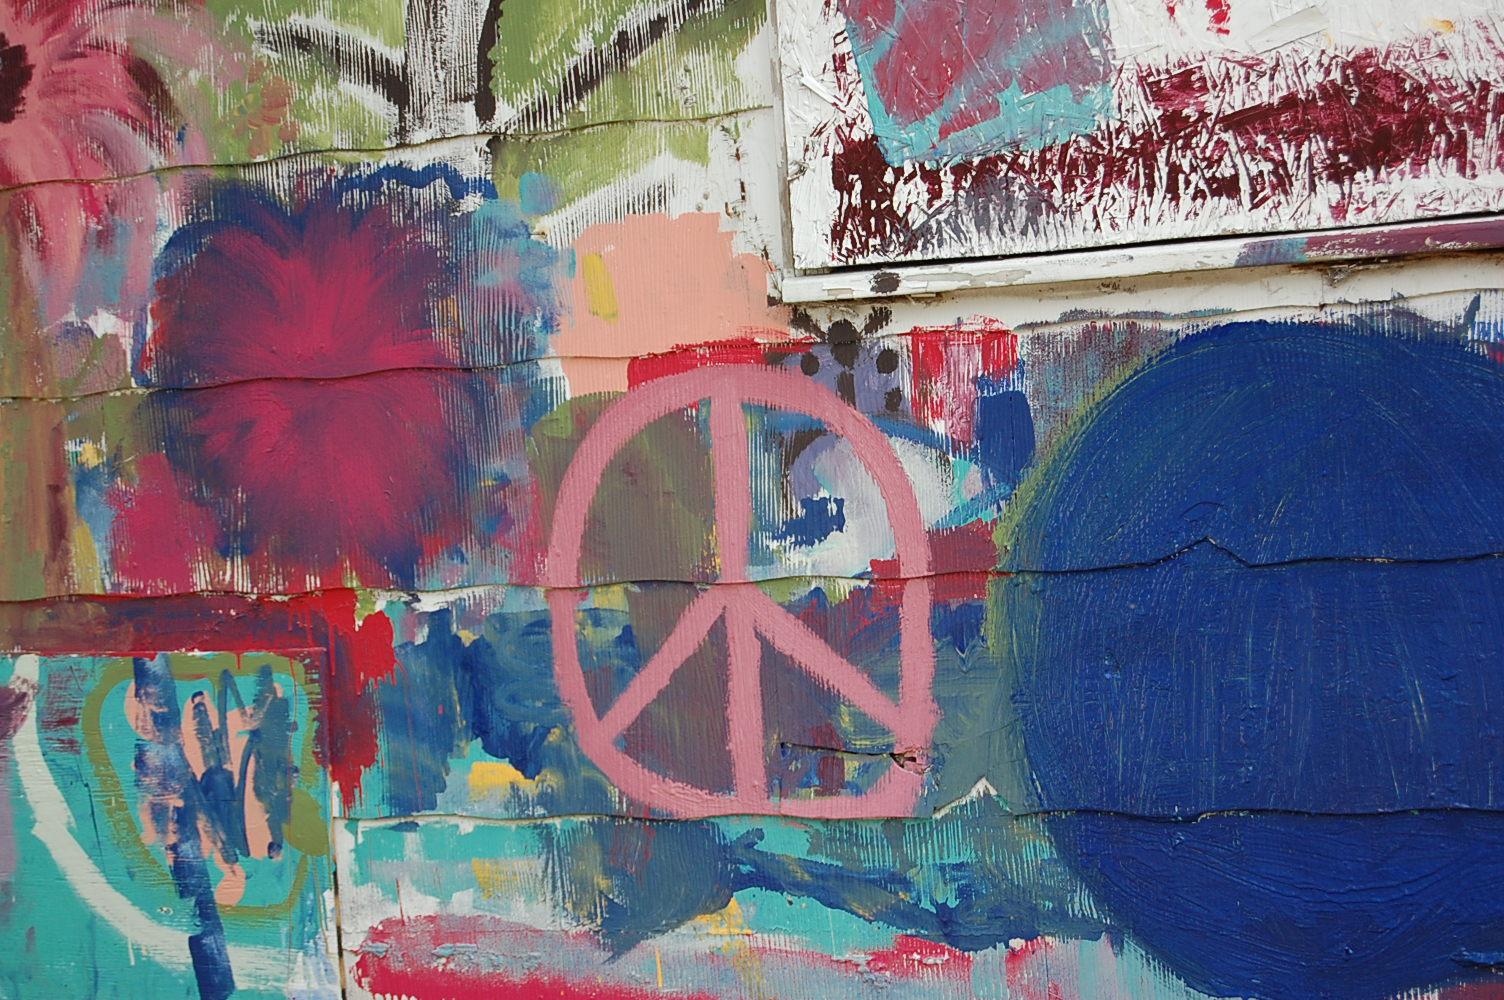 Comment trouver la paix dans le chaos?